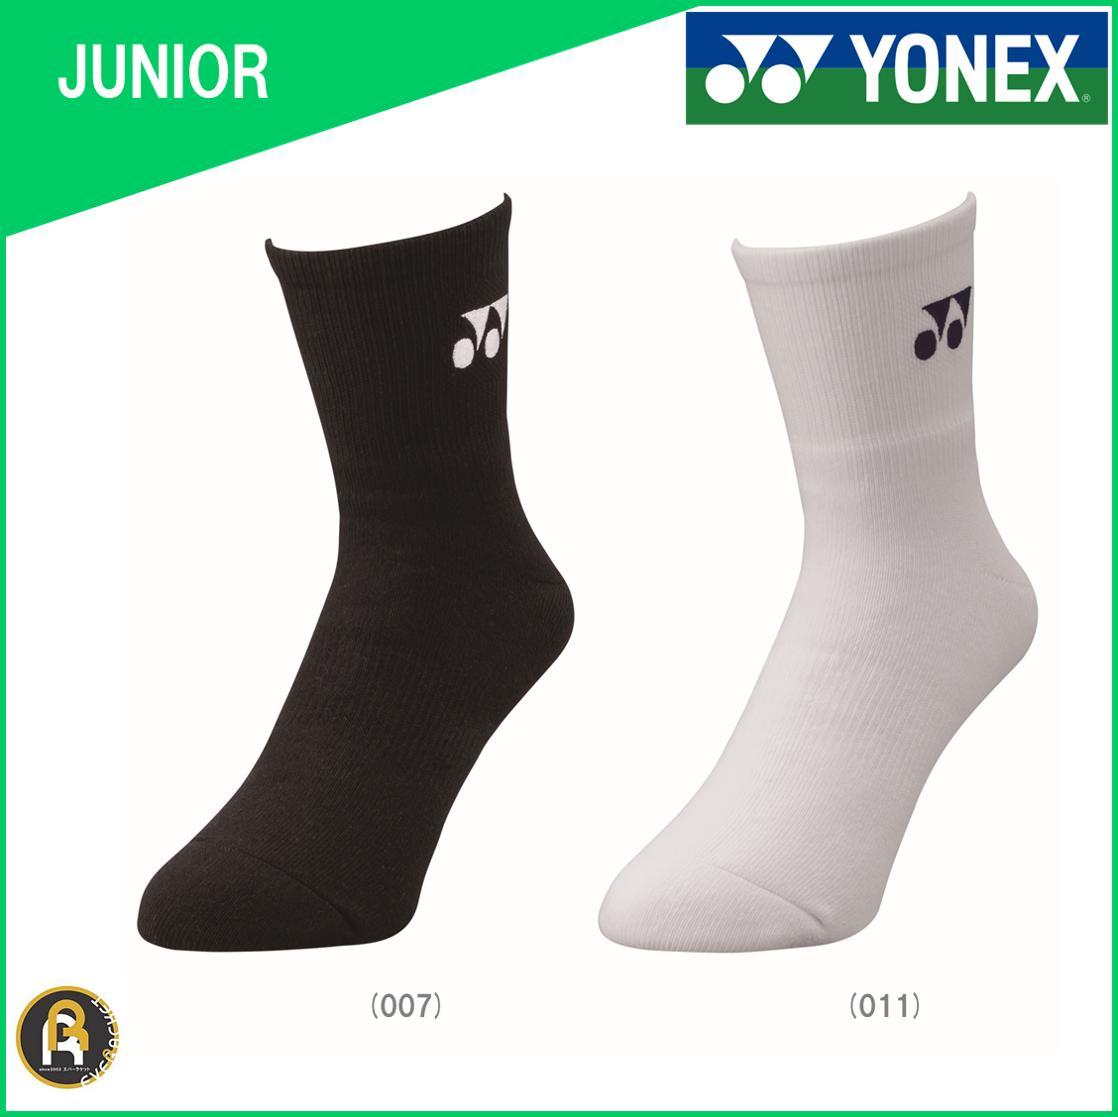 【お買い得商品】ヨネックス YONEX テニス ソフトテニス バドミントン ハーフソックス ソックス 靴下 ジュニア JUNIOR 19122J《19〜22cm》